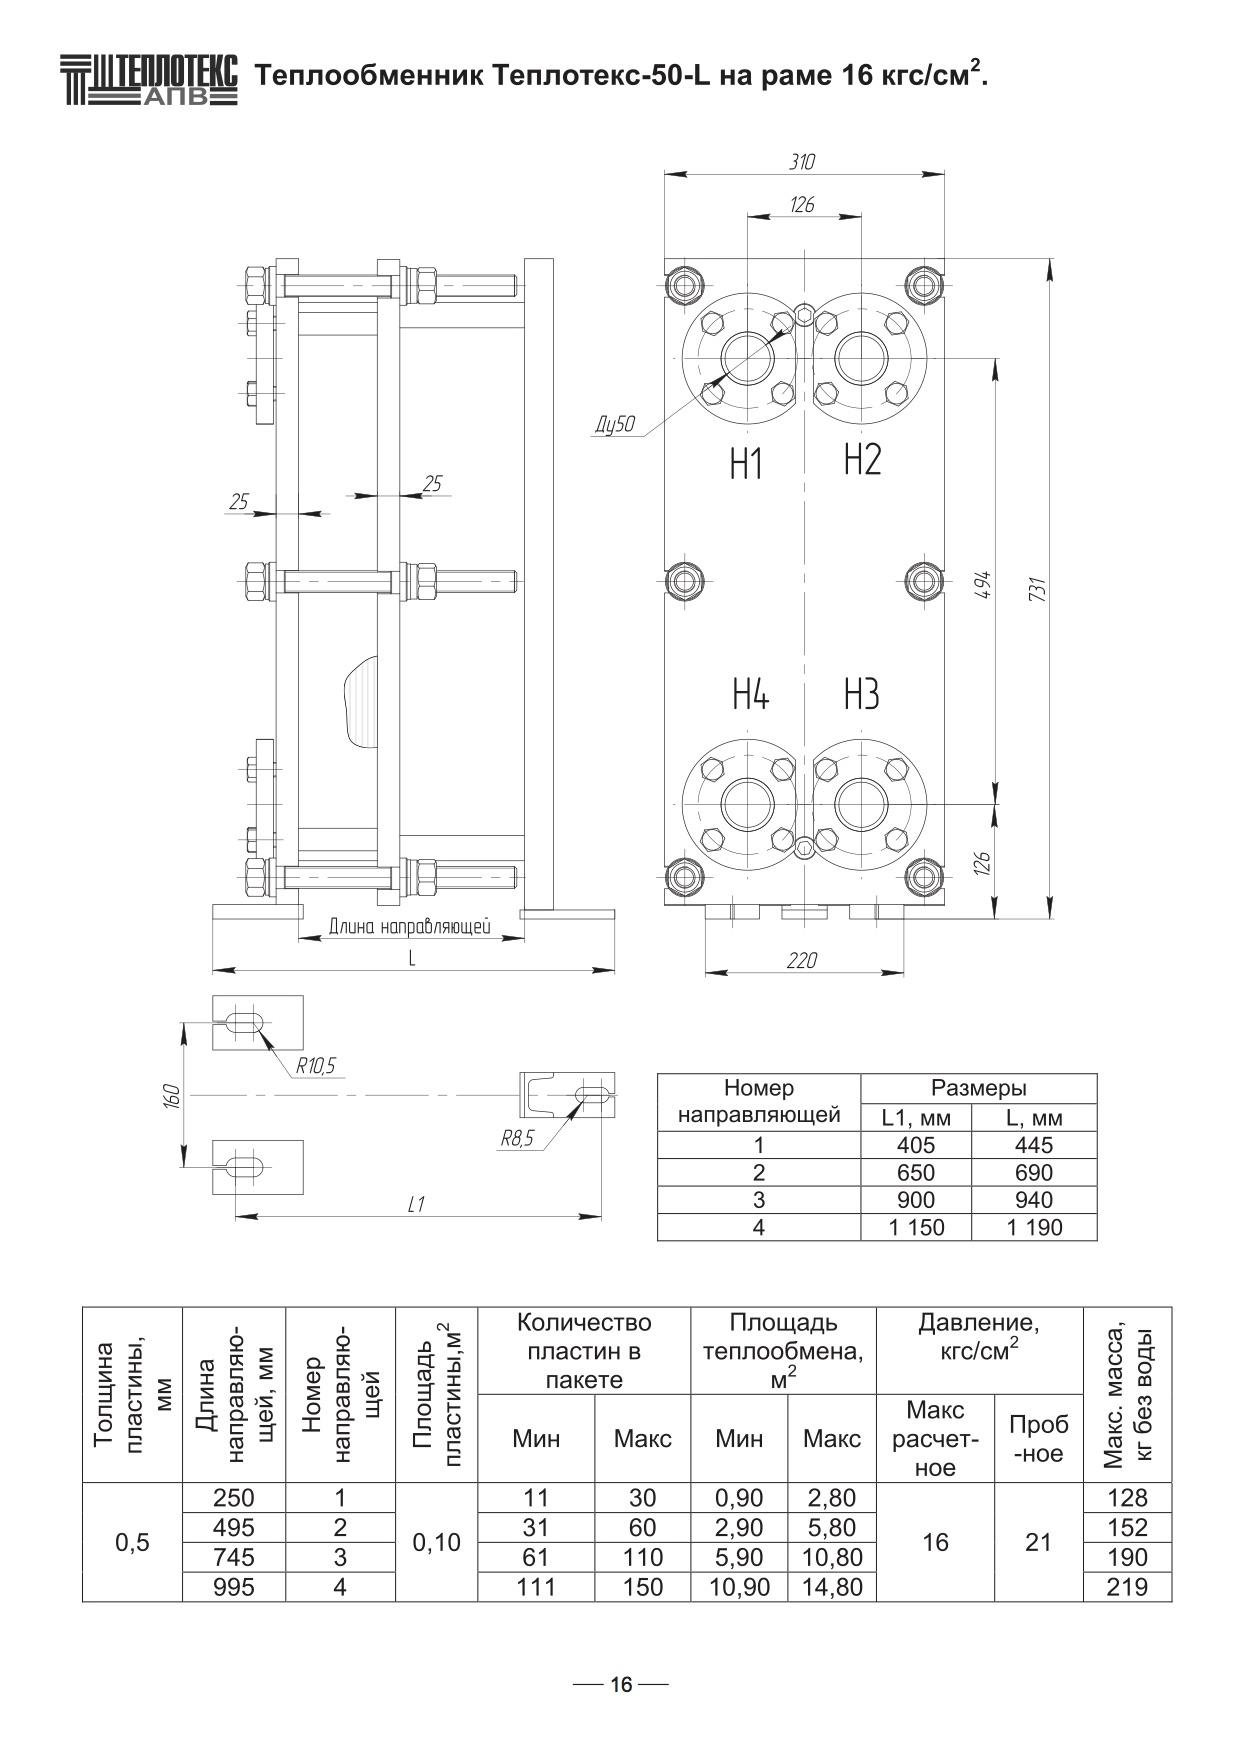 Разборный пластинчатый теплообменник Теплотекс 200A Артём какой котел лучше с одним или двумя теплообменниками